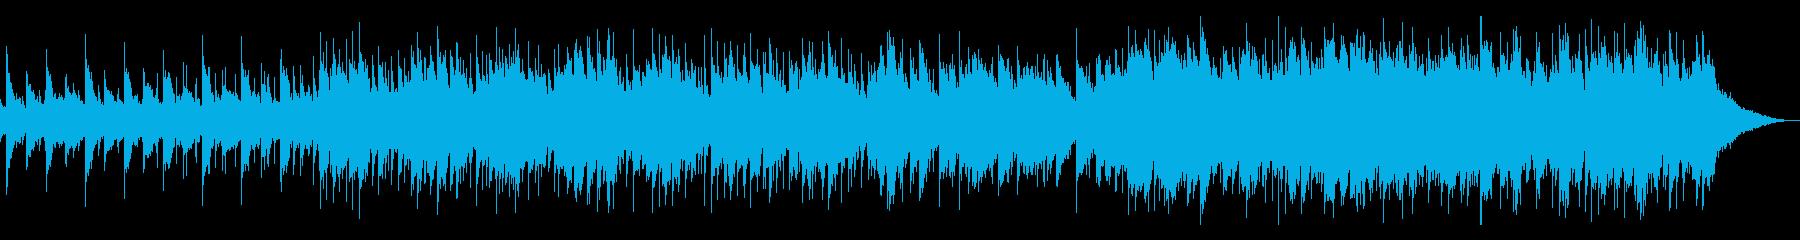 神秘的な雰囲気の民族風楽曲の再生済みの波形